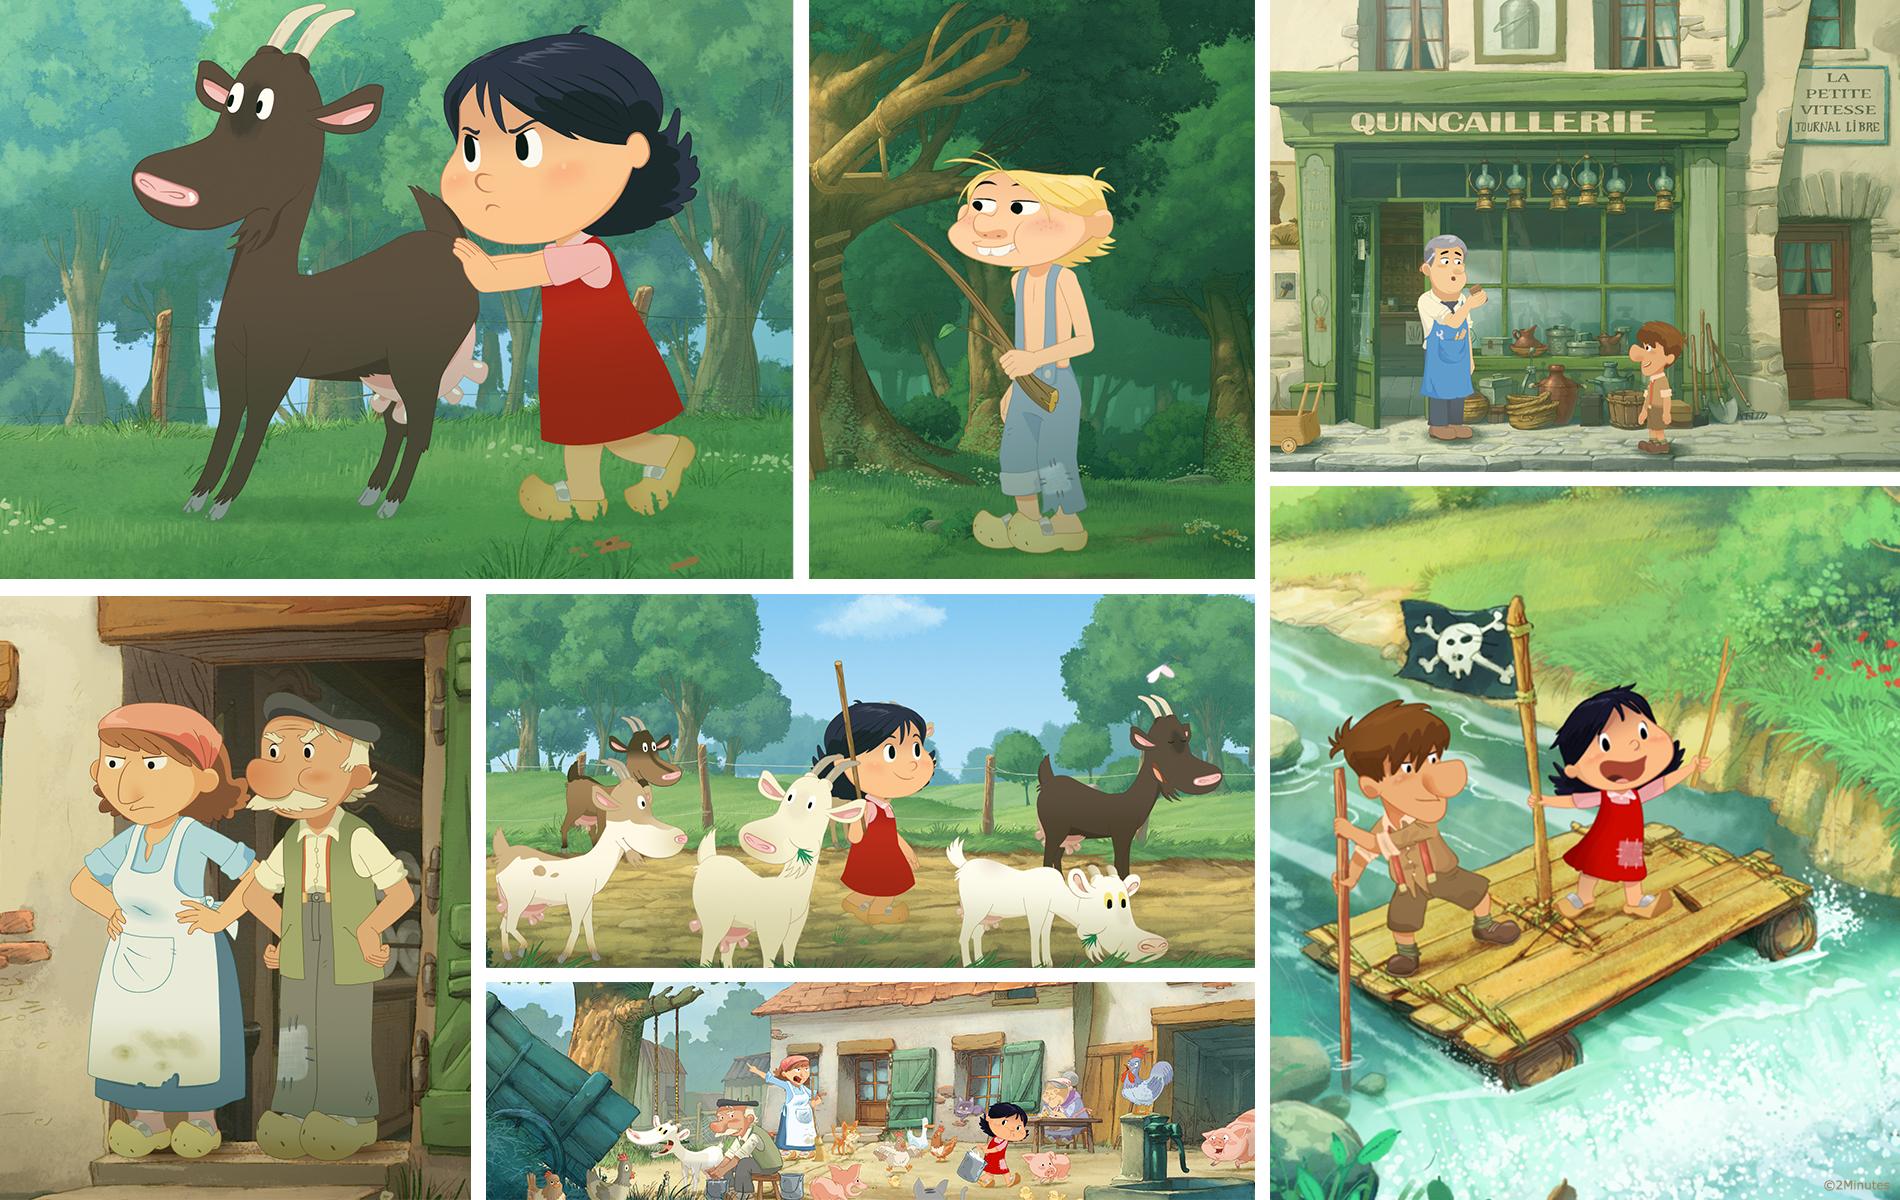 Les souvenirs de Mamette - Dessin animée 2D - Producteur studio 2 Minutes